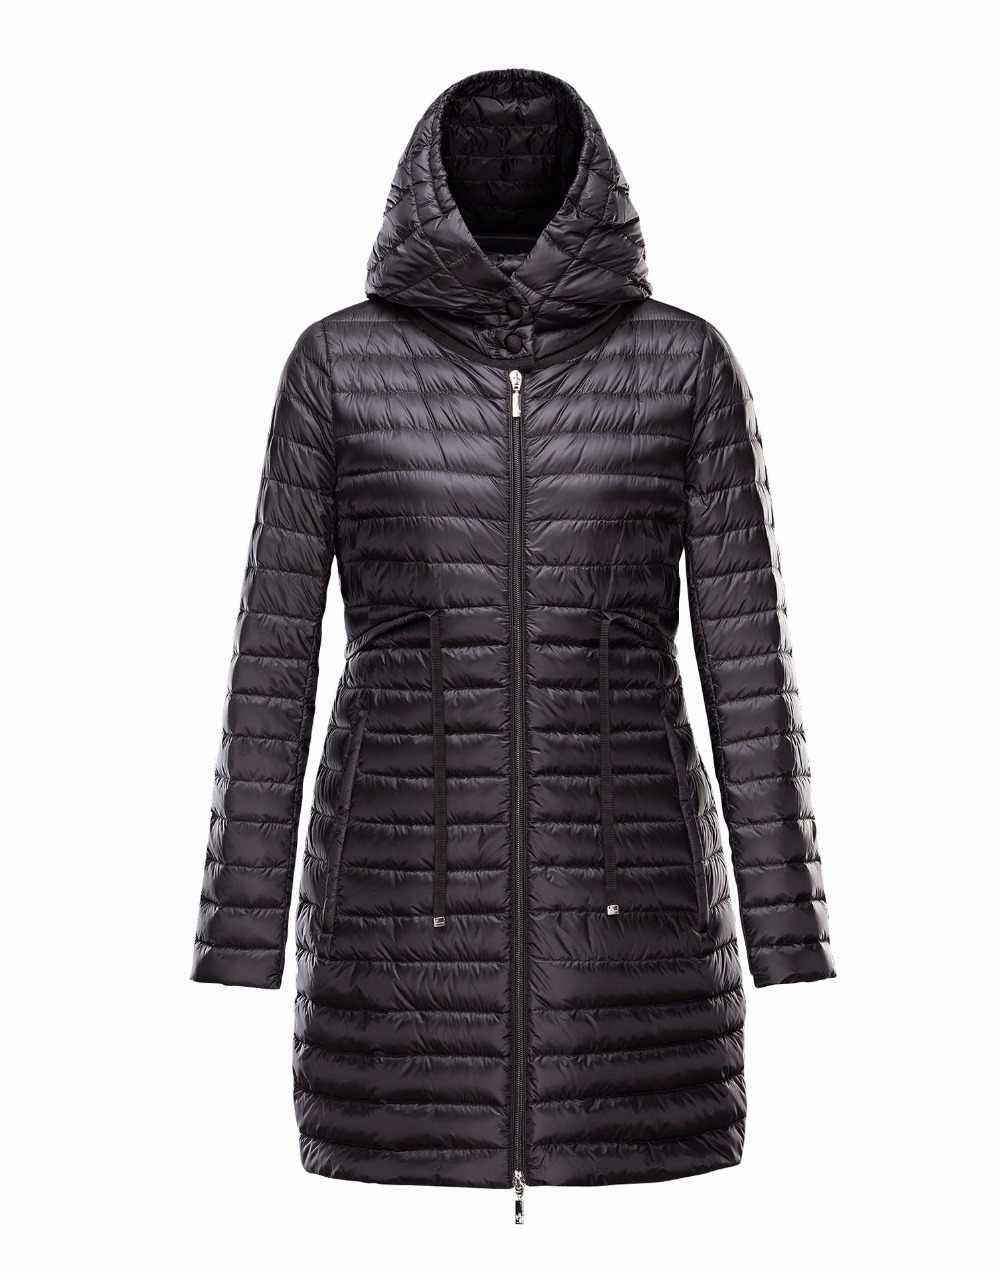 NewBang Брендовые женские пуховики ультра легкий пуховик Женская Длинная Куртка женская портативная легкая тонкая теплая пуховая куртка